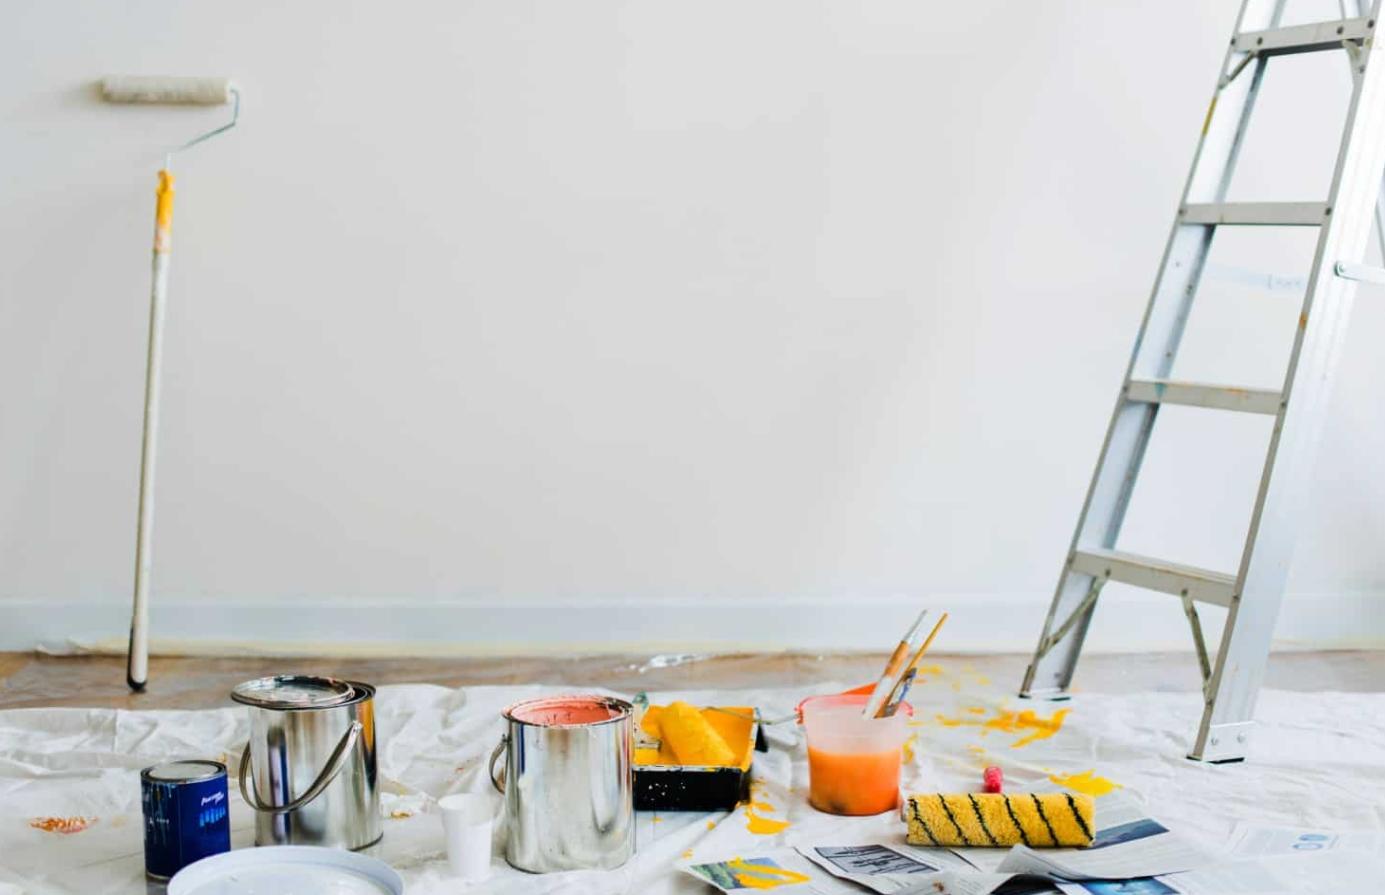 Cómo preparar la pared antes de pintar 1